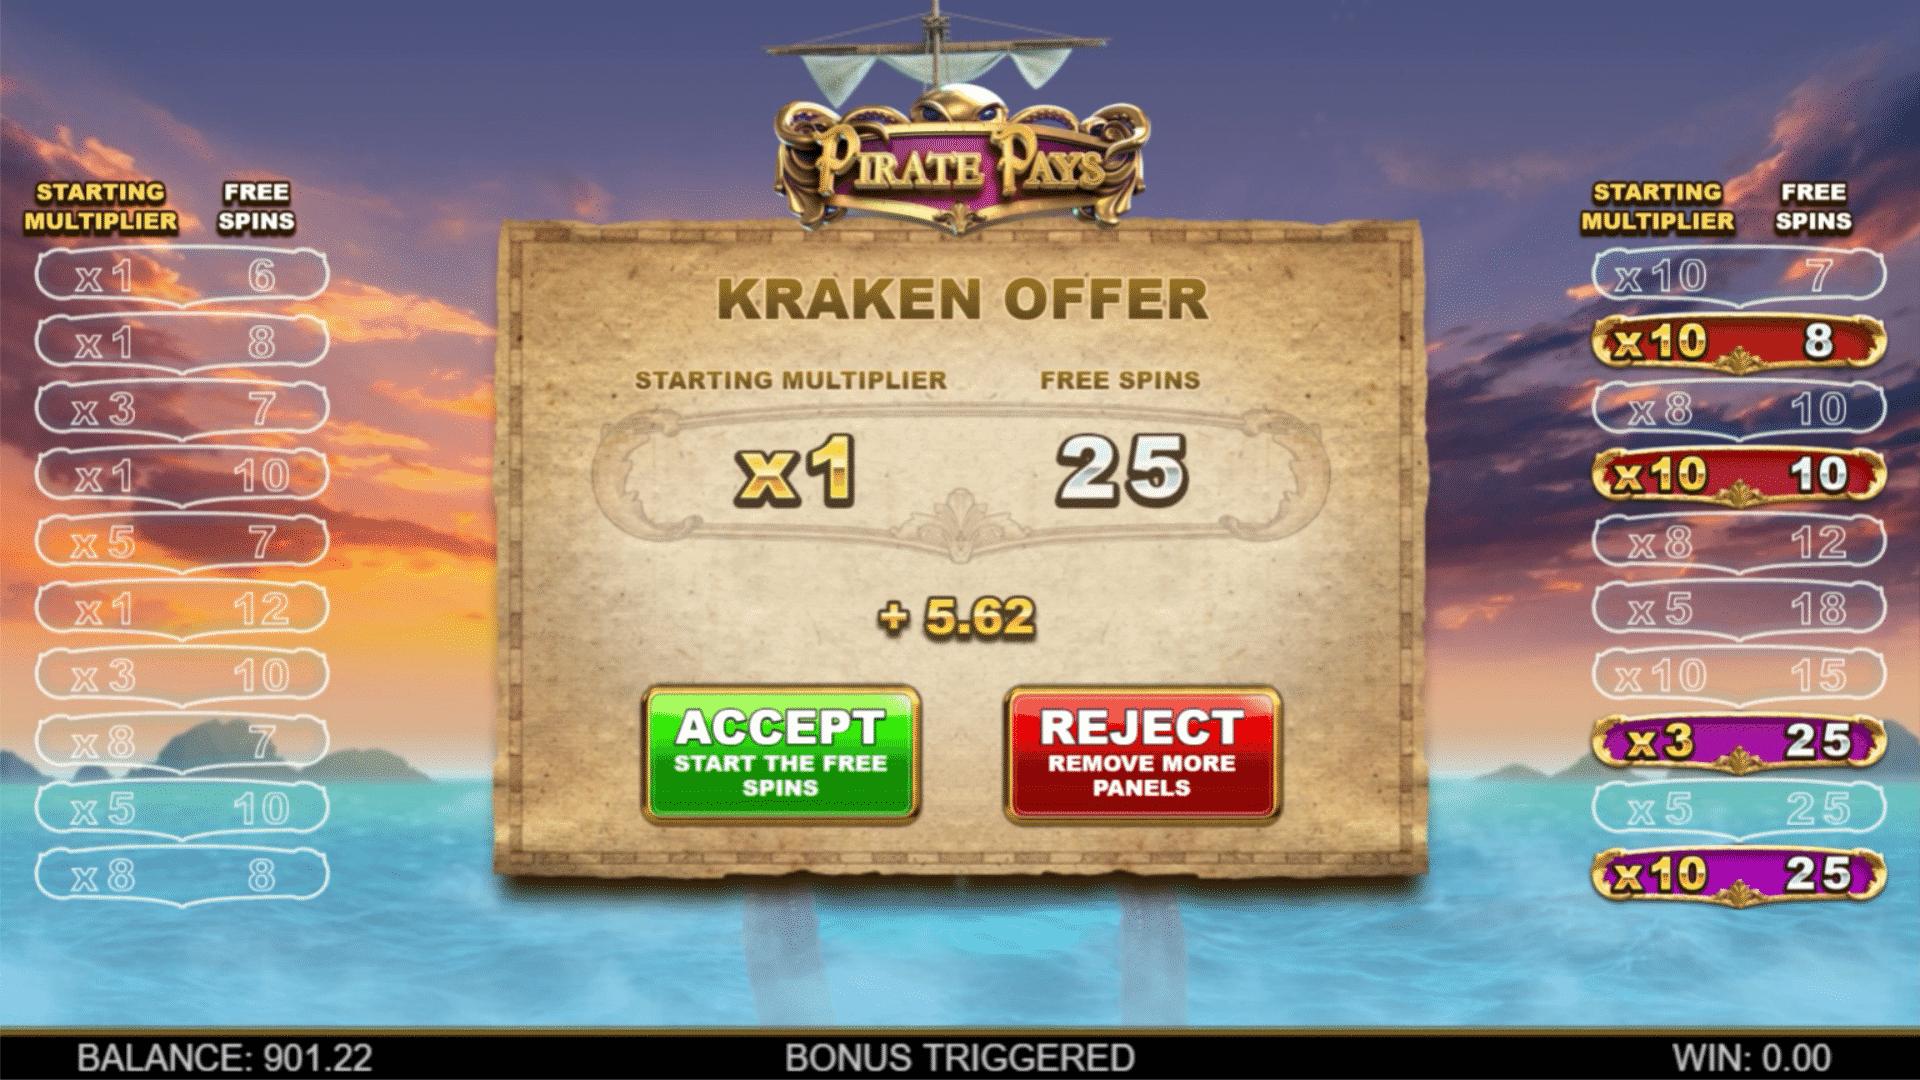 Pirate Pays Megaways Kraken Offer